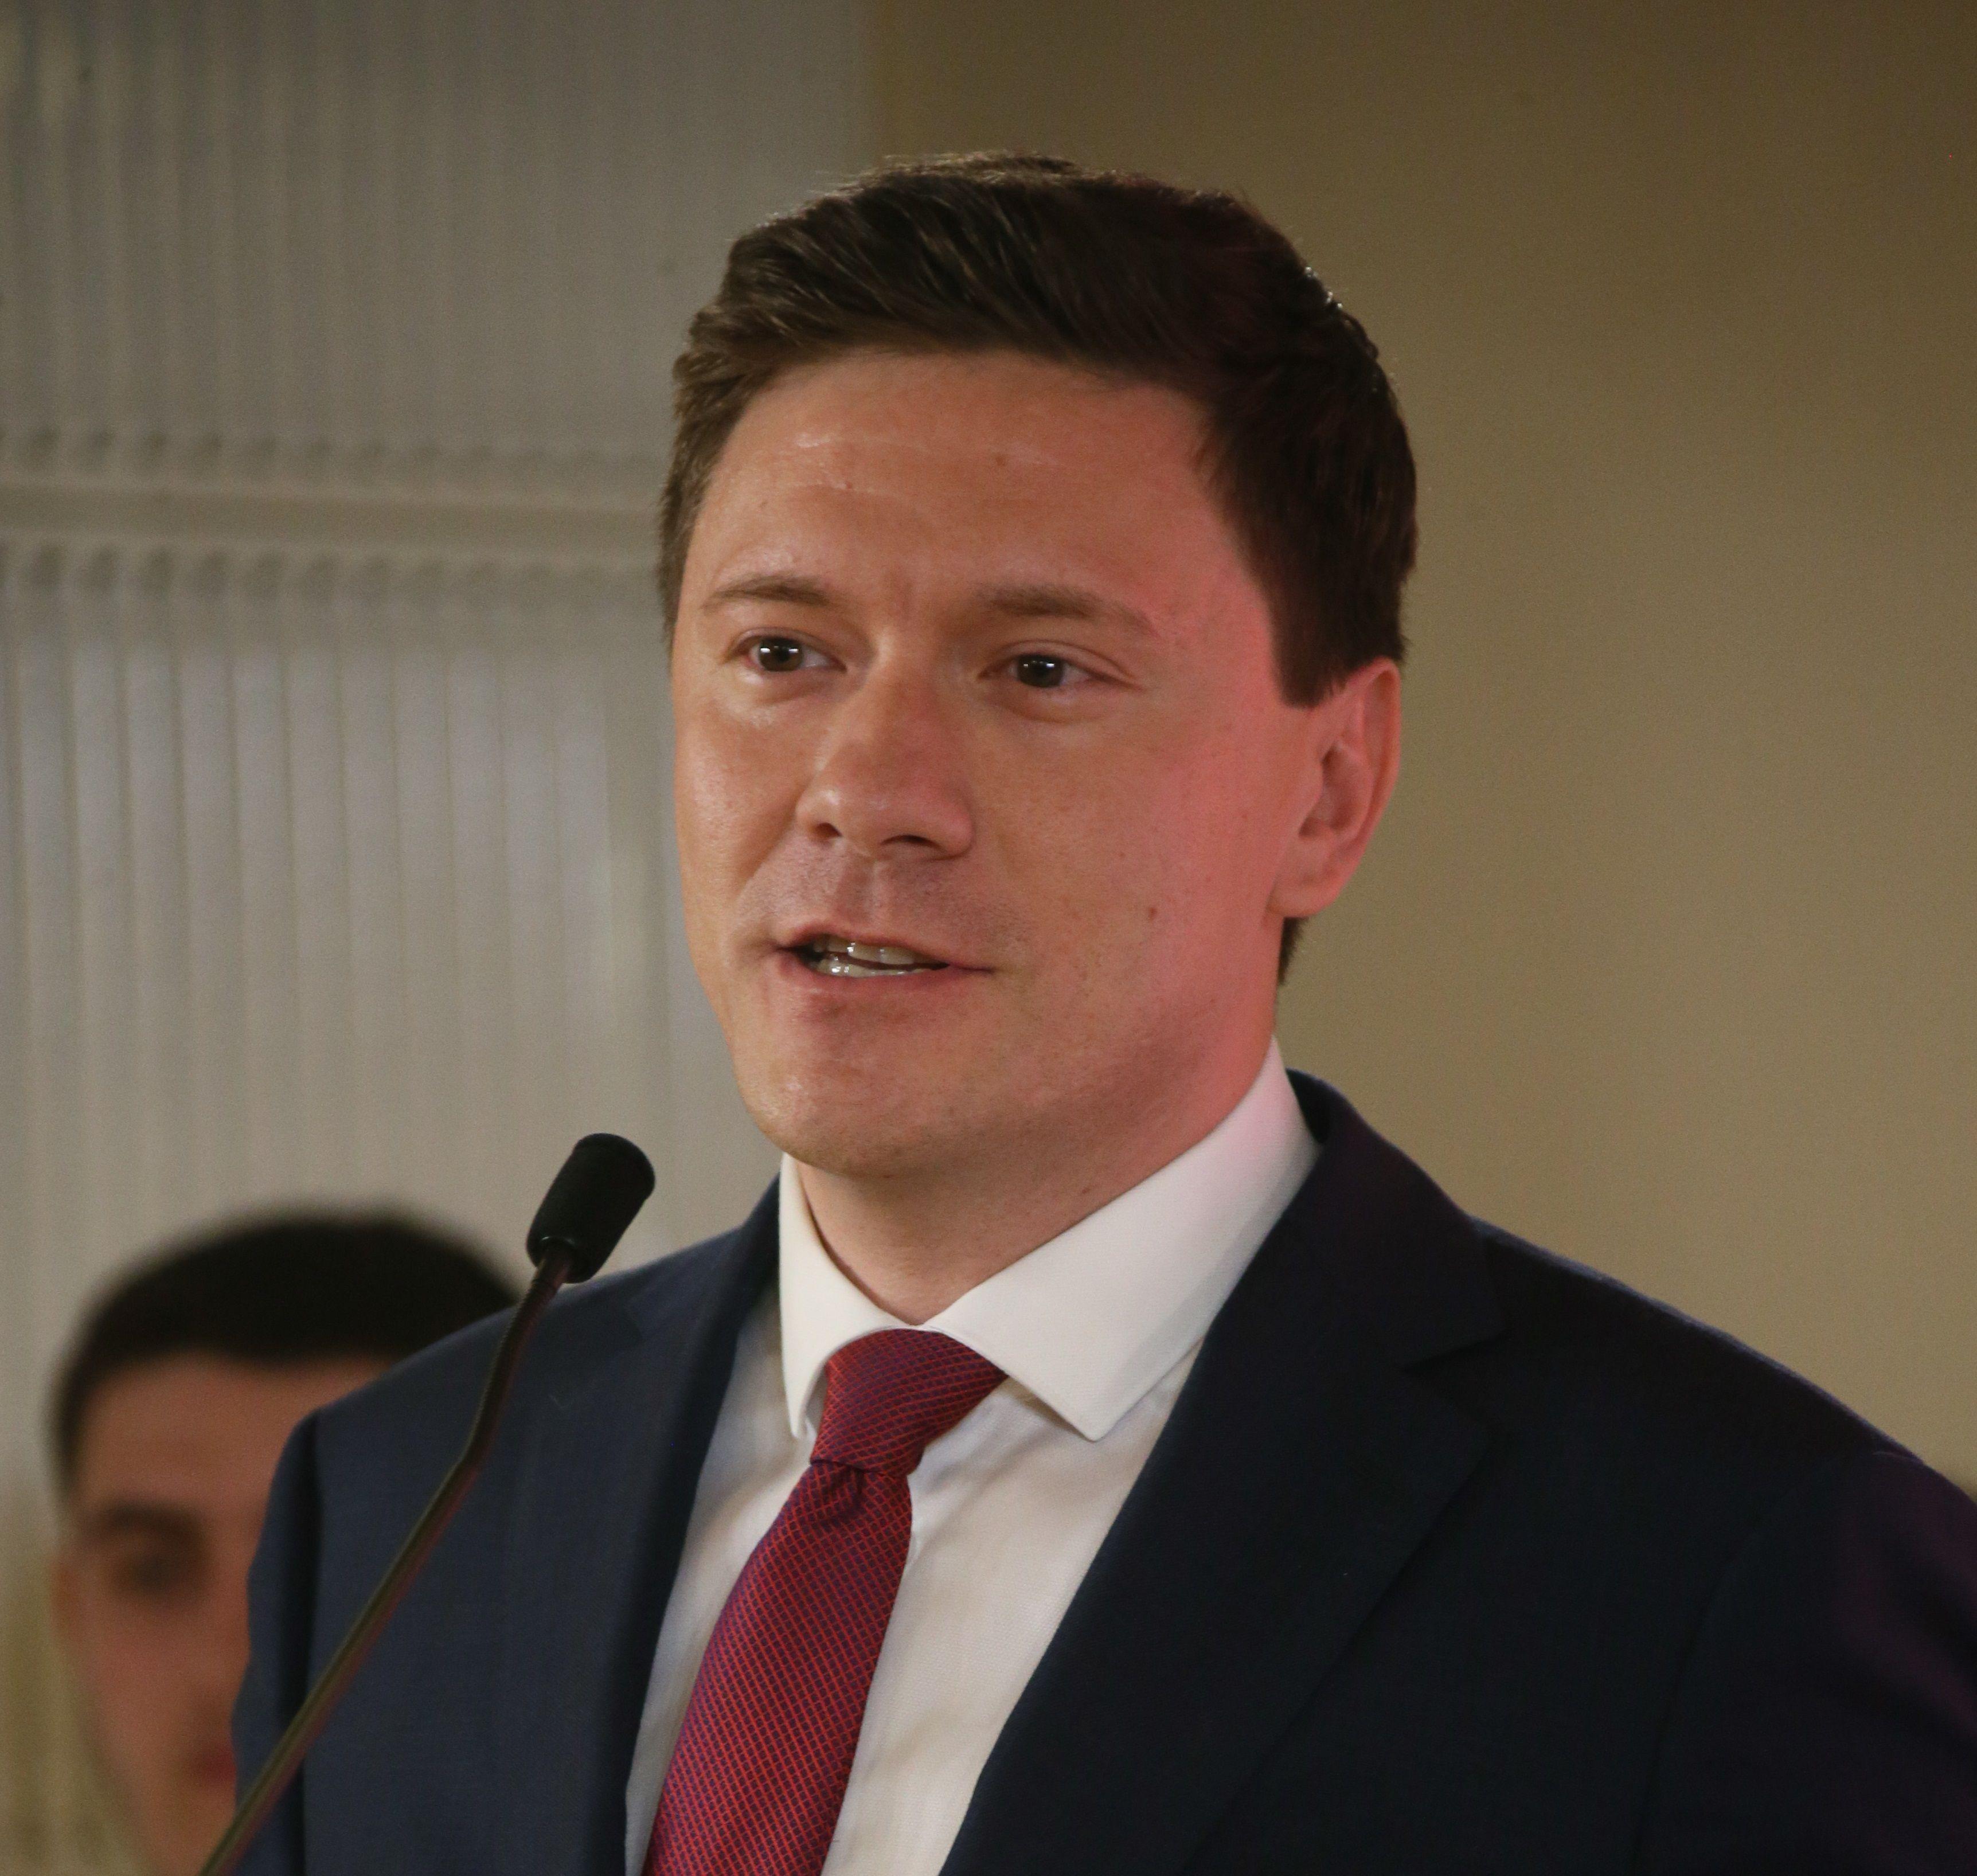 На фото: Руководитель Центра качества городской среды Александр Козлов